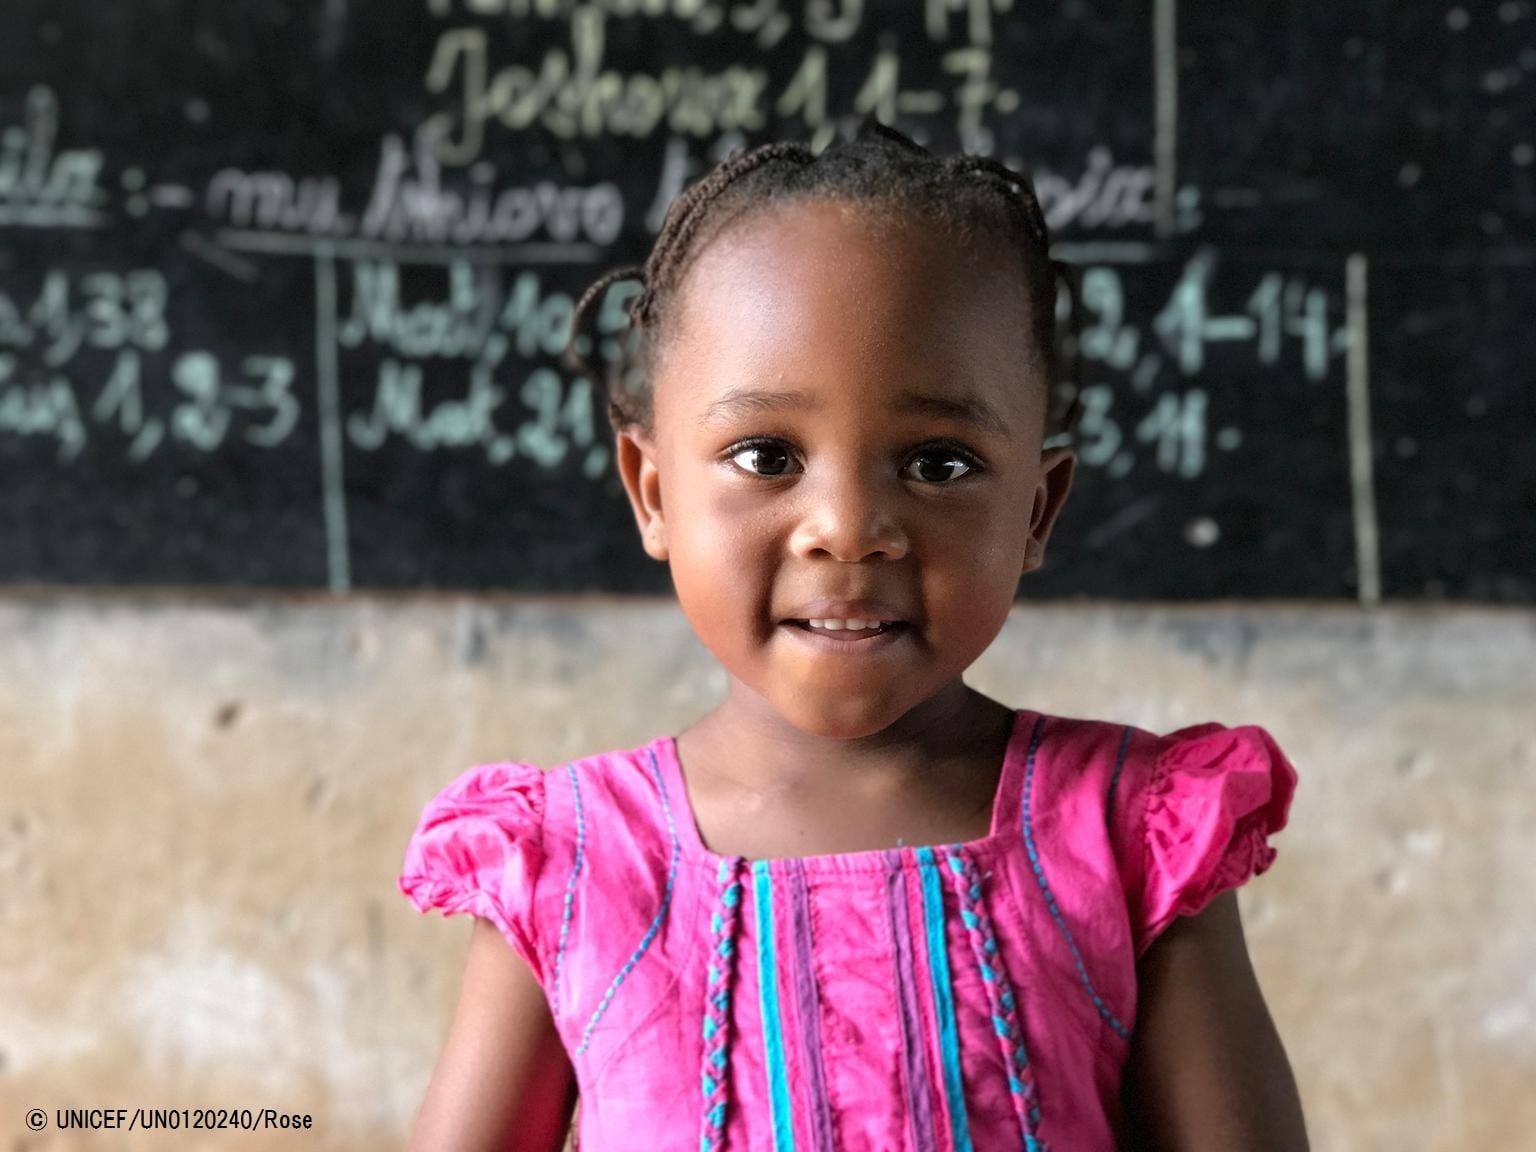 コンゴ民主共和国・カサイ地域紛争の影響で学校に通えない子ども85万人15万人を学校に戻す取り組み開始ユニセフ、「学校に戻ろう」キャンペーン開始